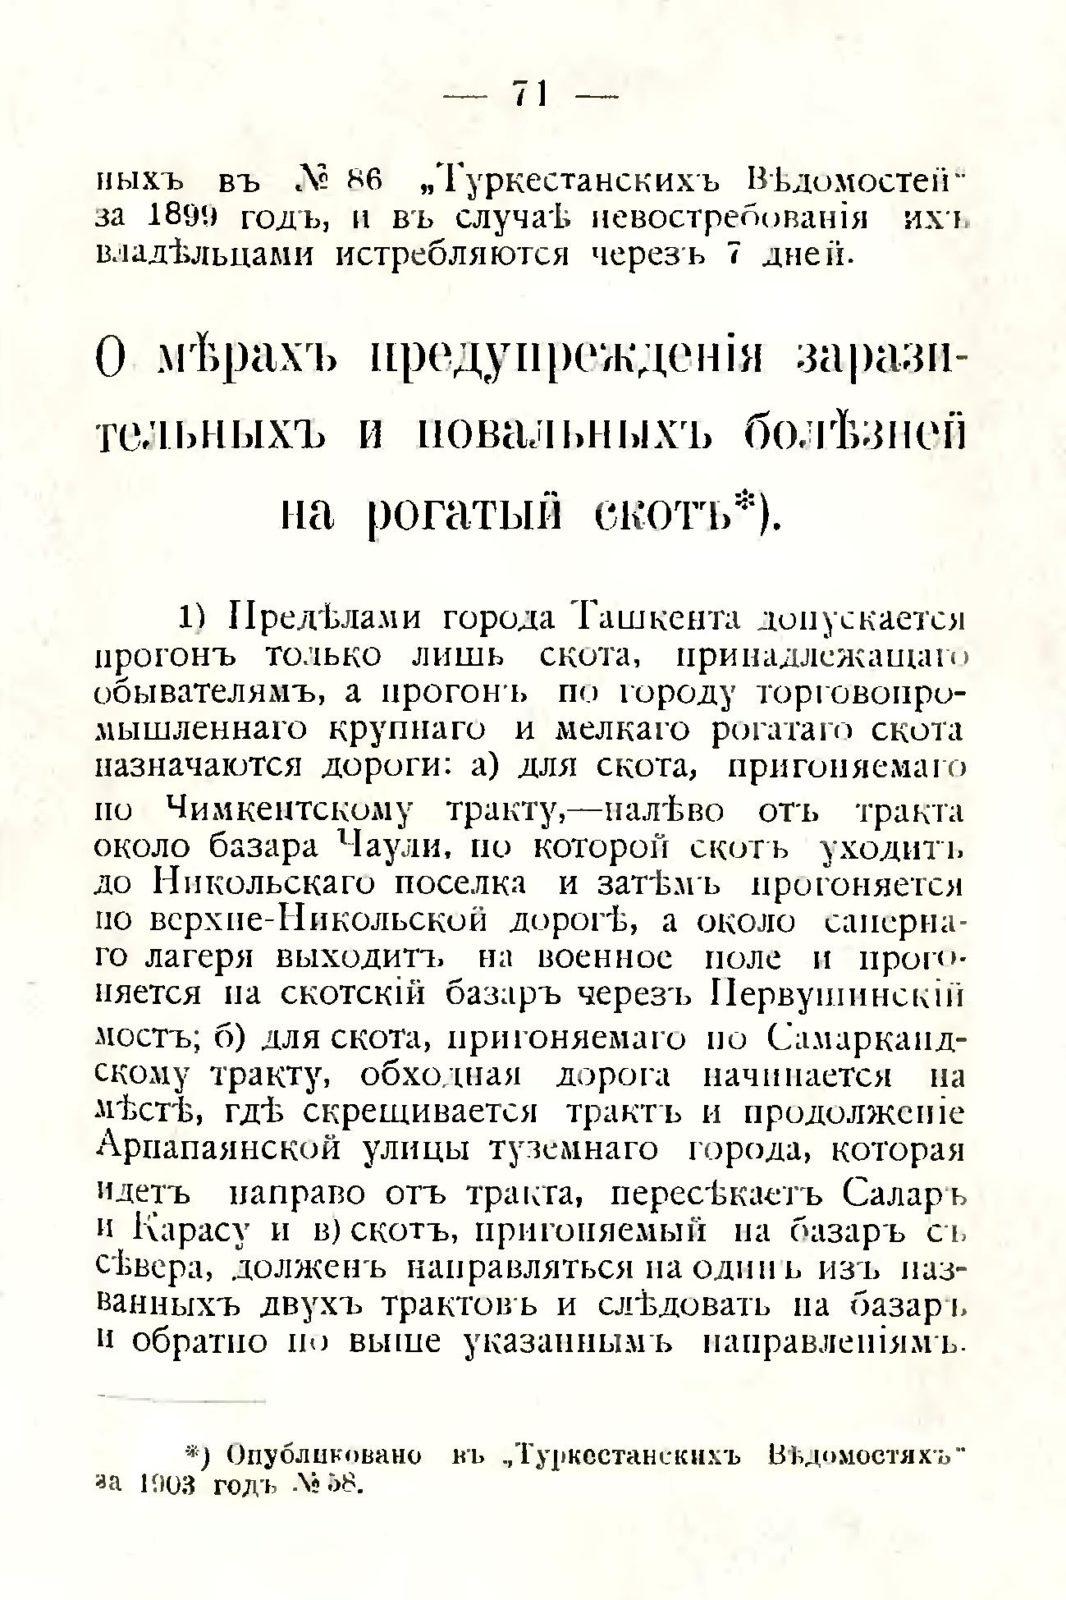 sbornik_obyazatelnyh_postanovlenii_tashkentskoi_gorodskoi_du_75